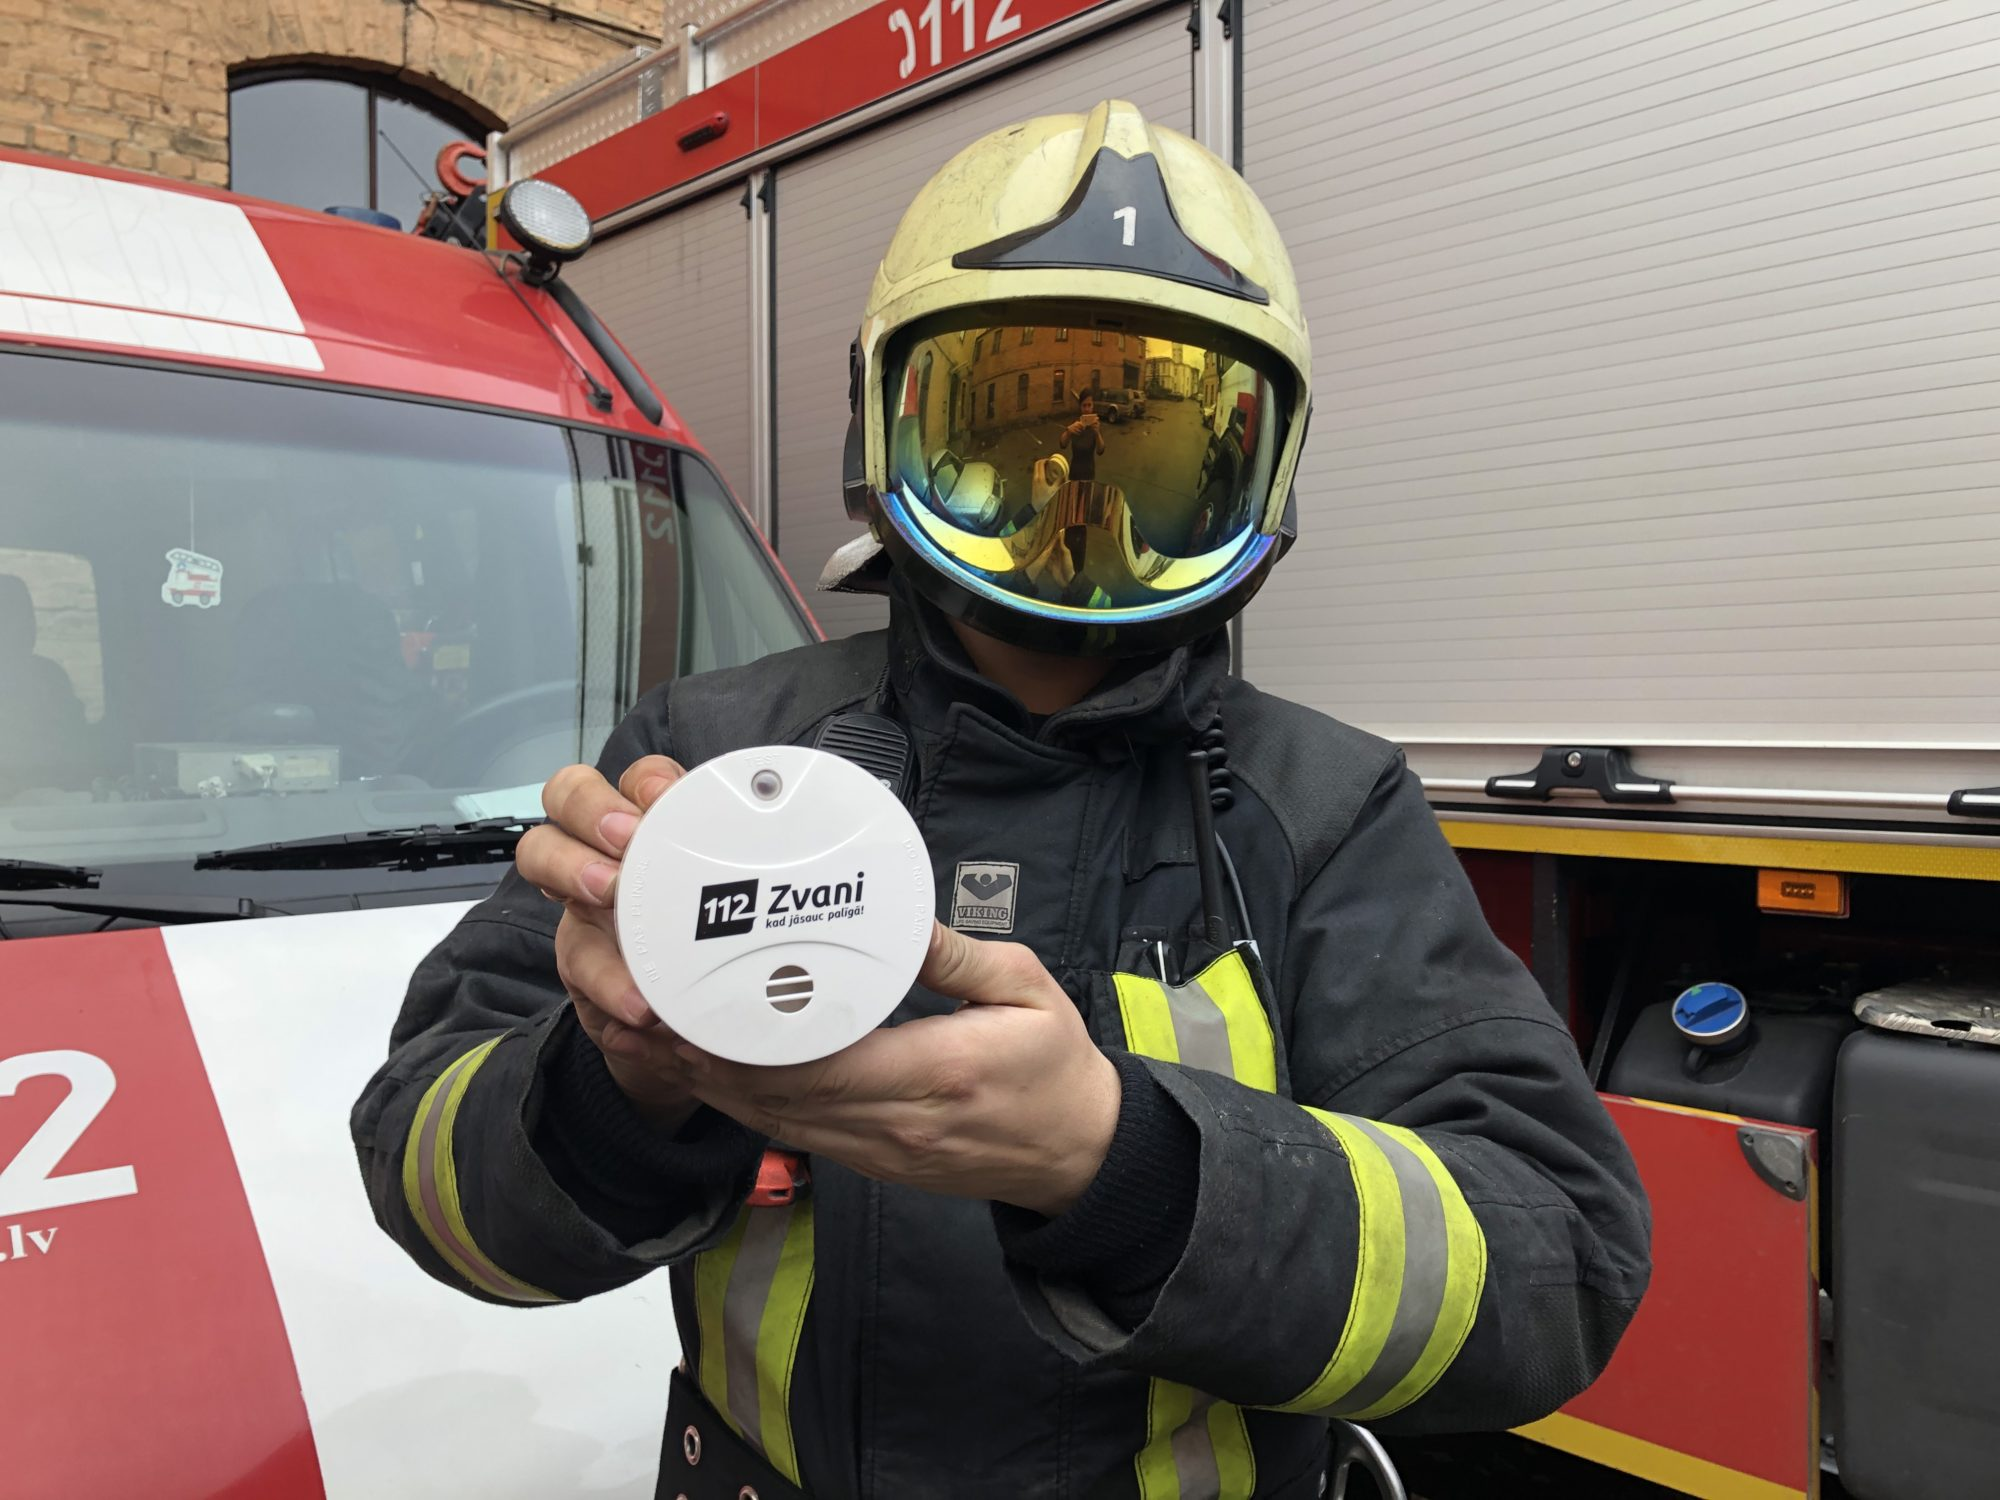 Dūmu detektors – modinātājs krīzes situācijās